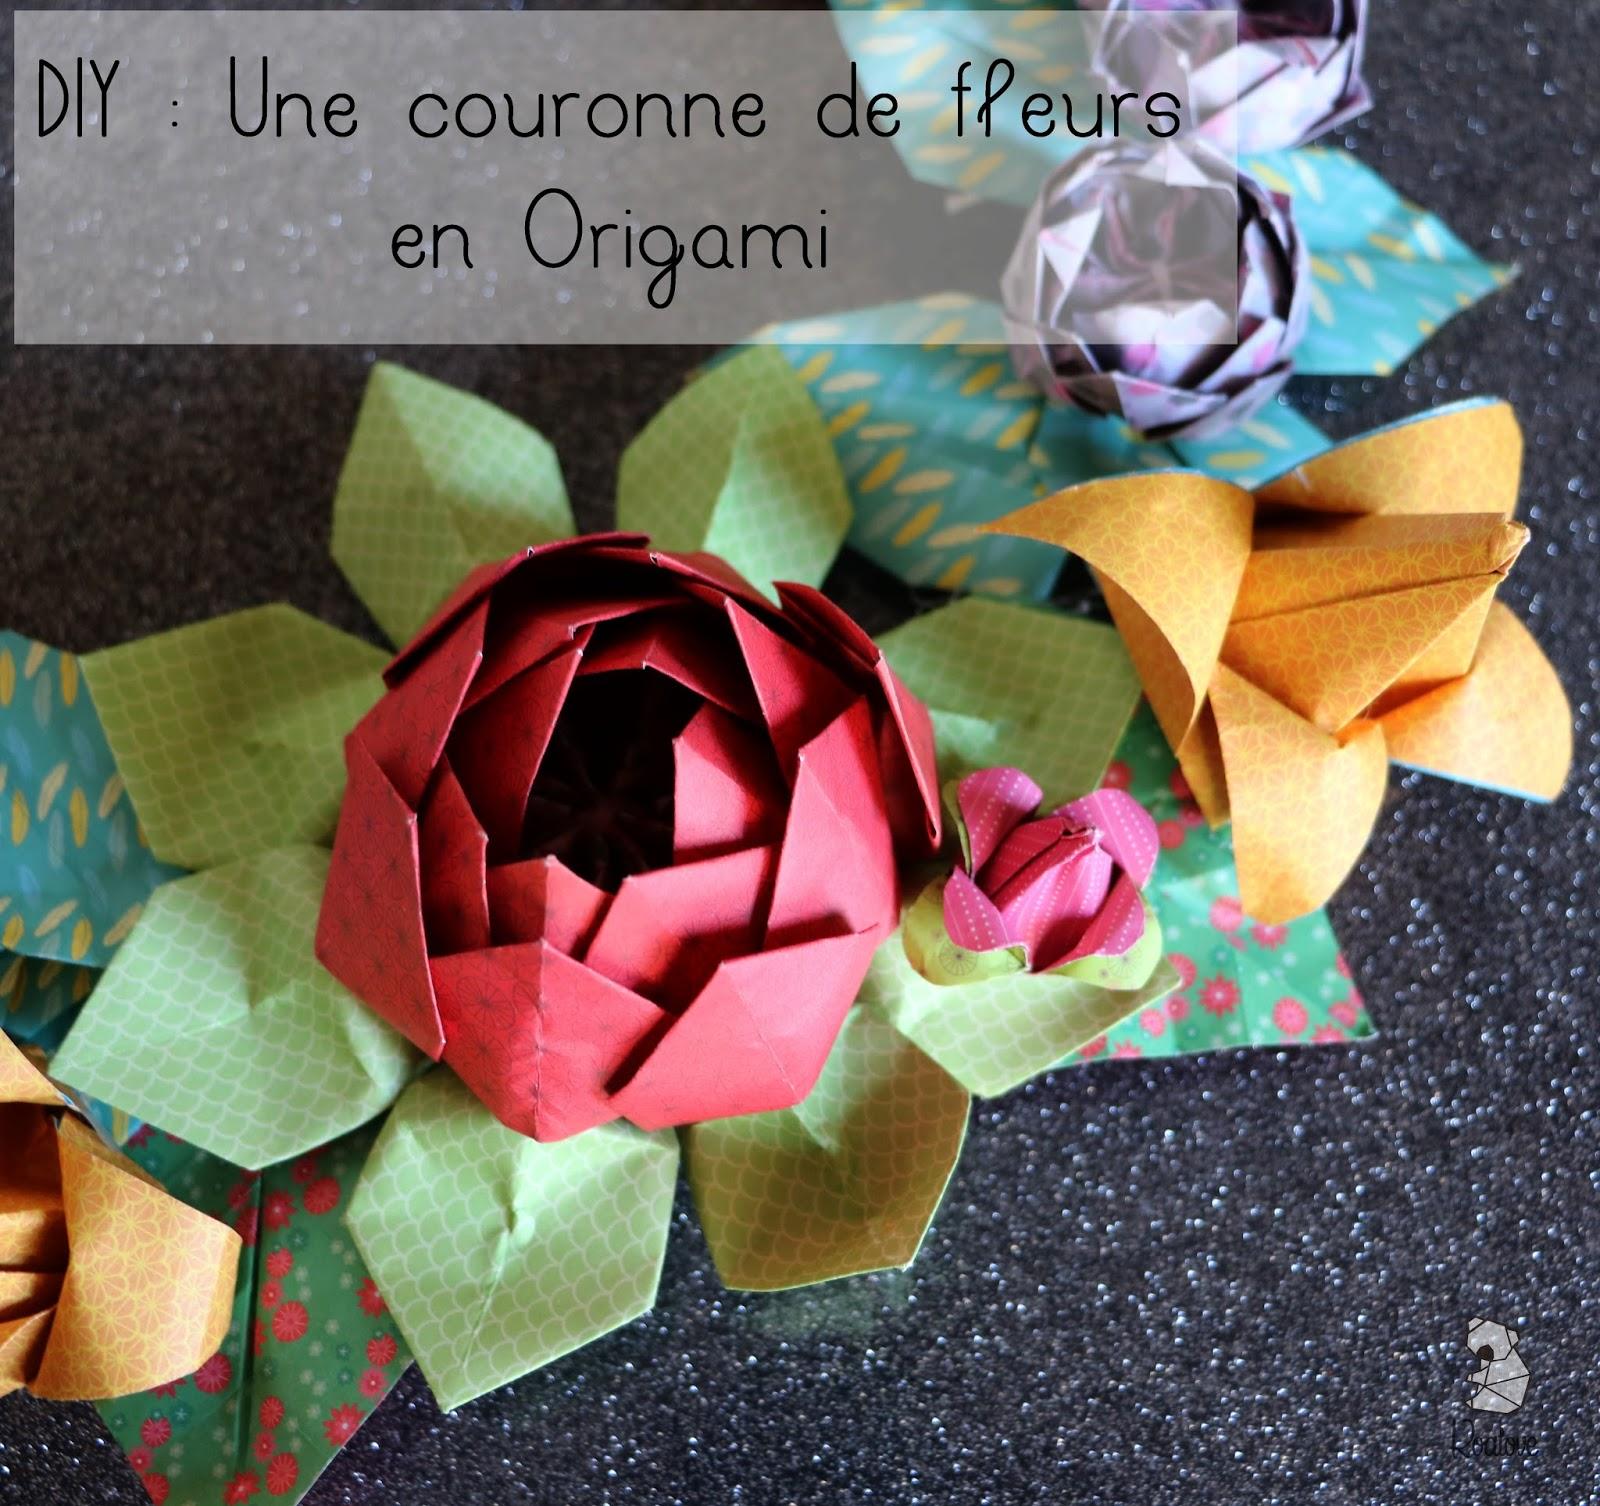 koalove diy une couronne de fleurs en origami. Black Bedroom Furniture Sets. Home Design Ideas